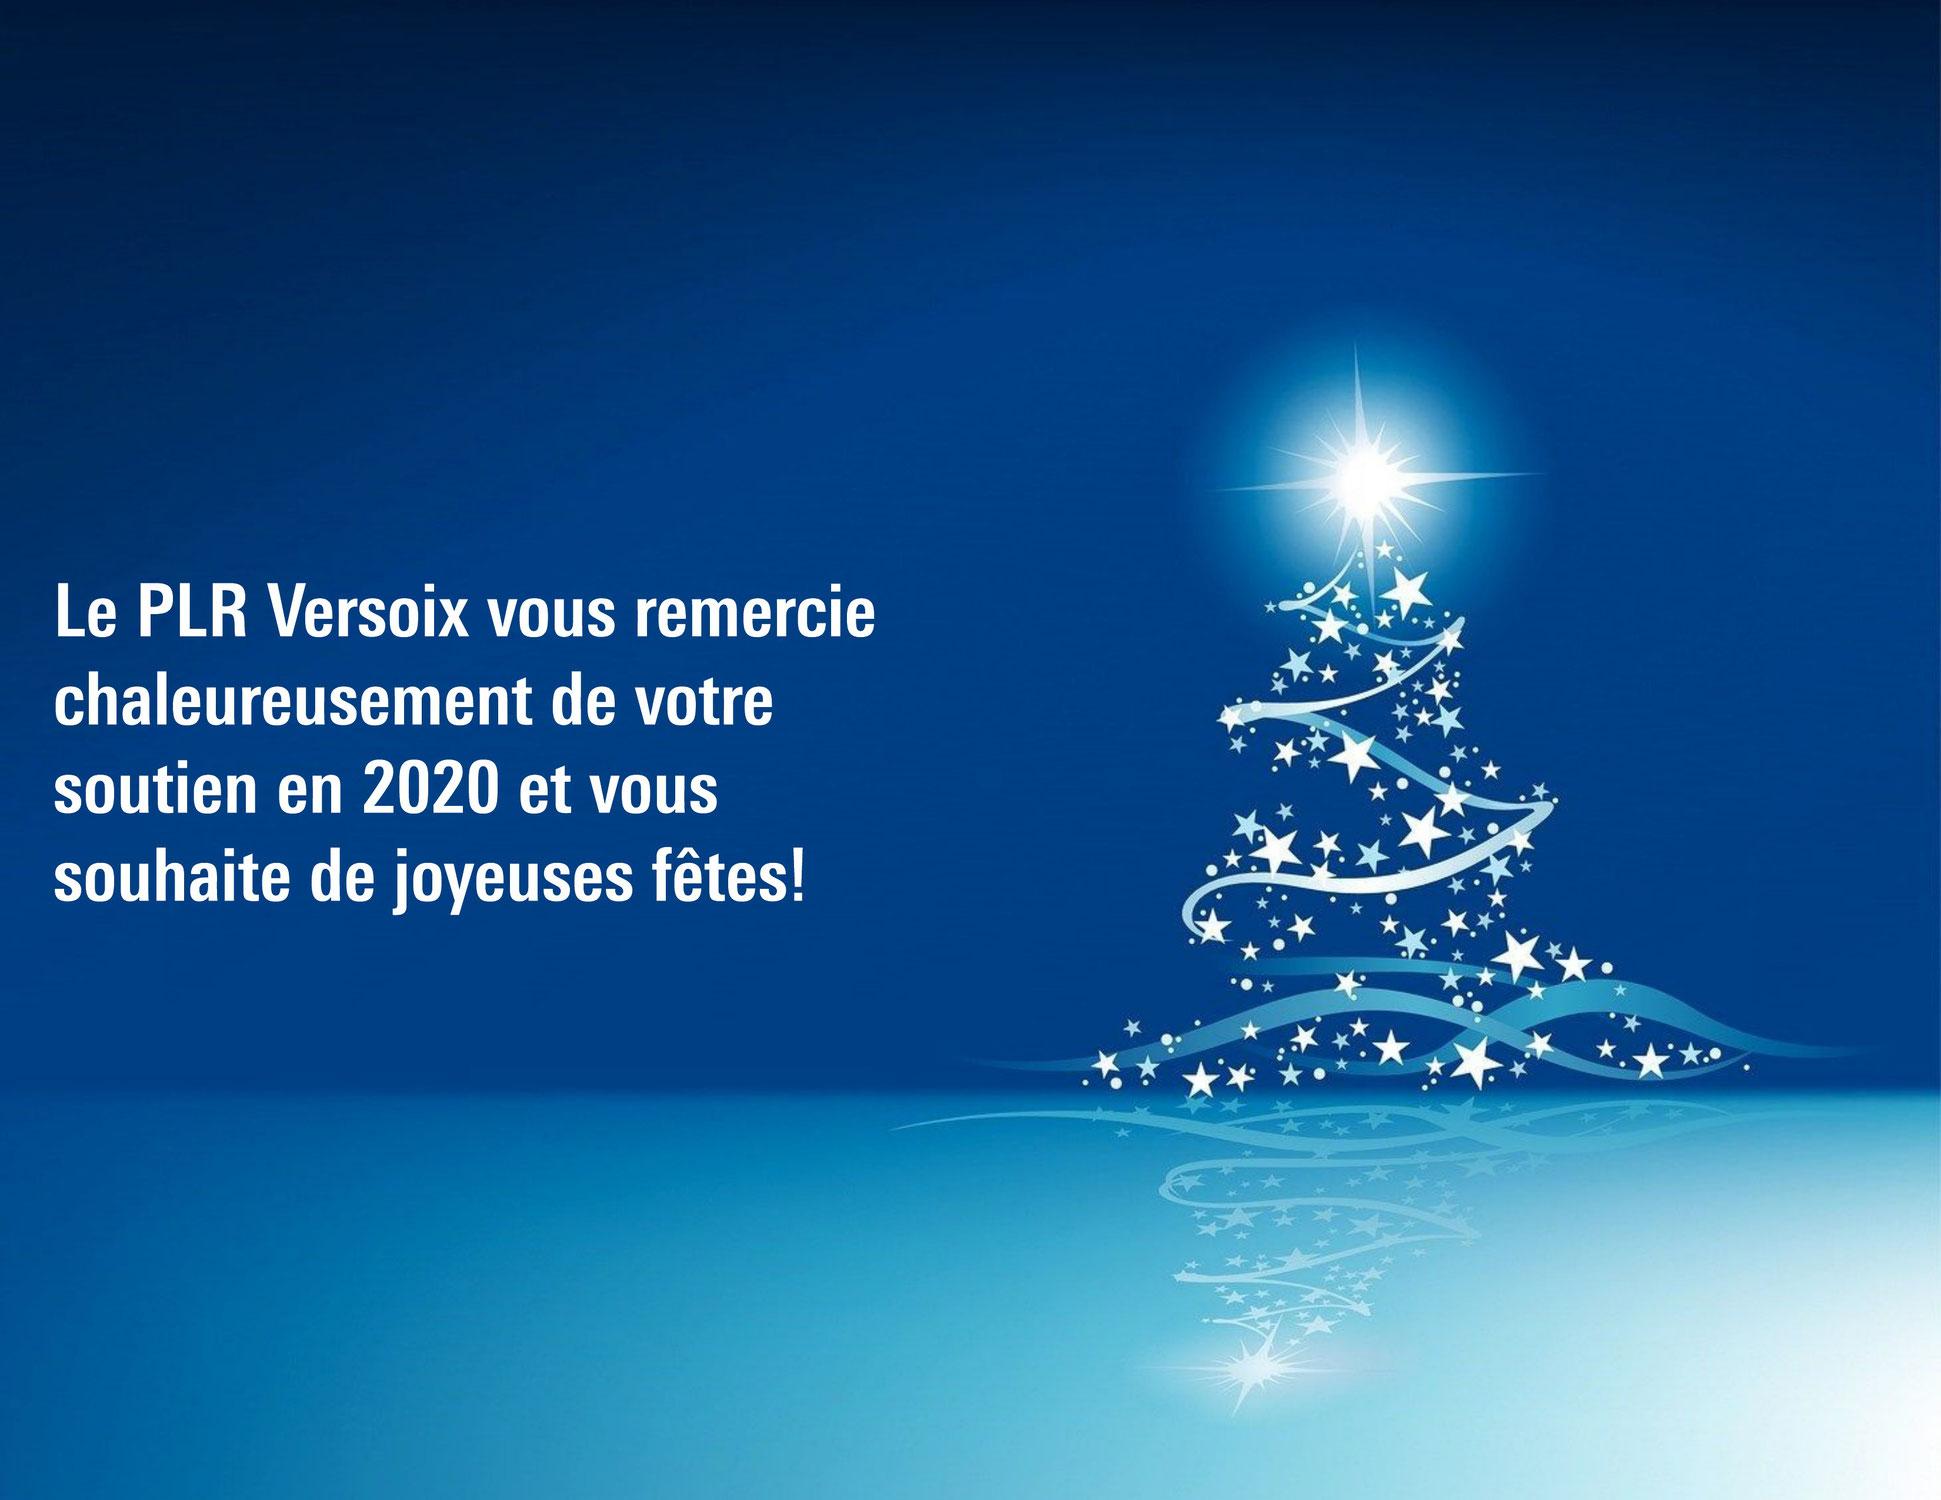 Joyeuses fêtes & bonne année 2021!